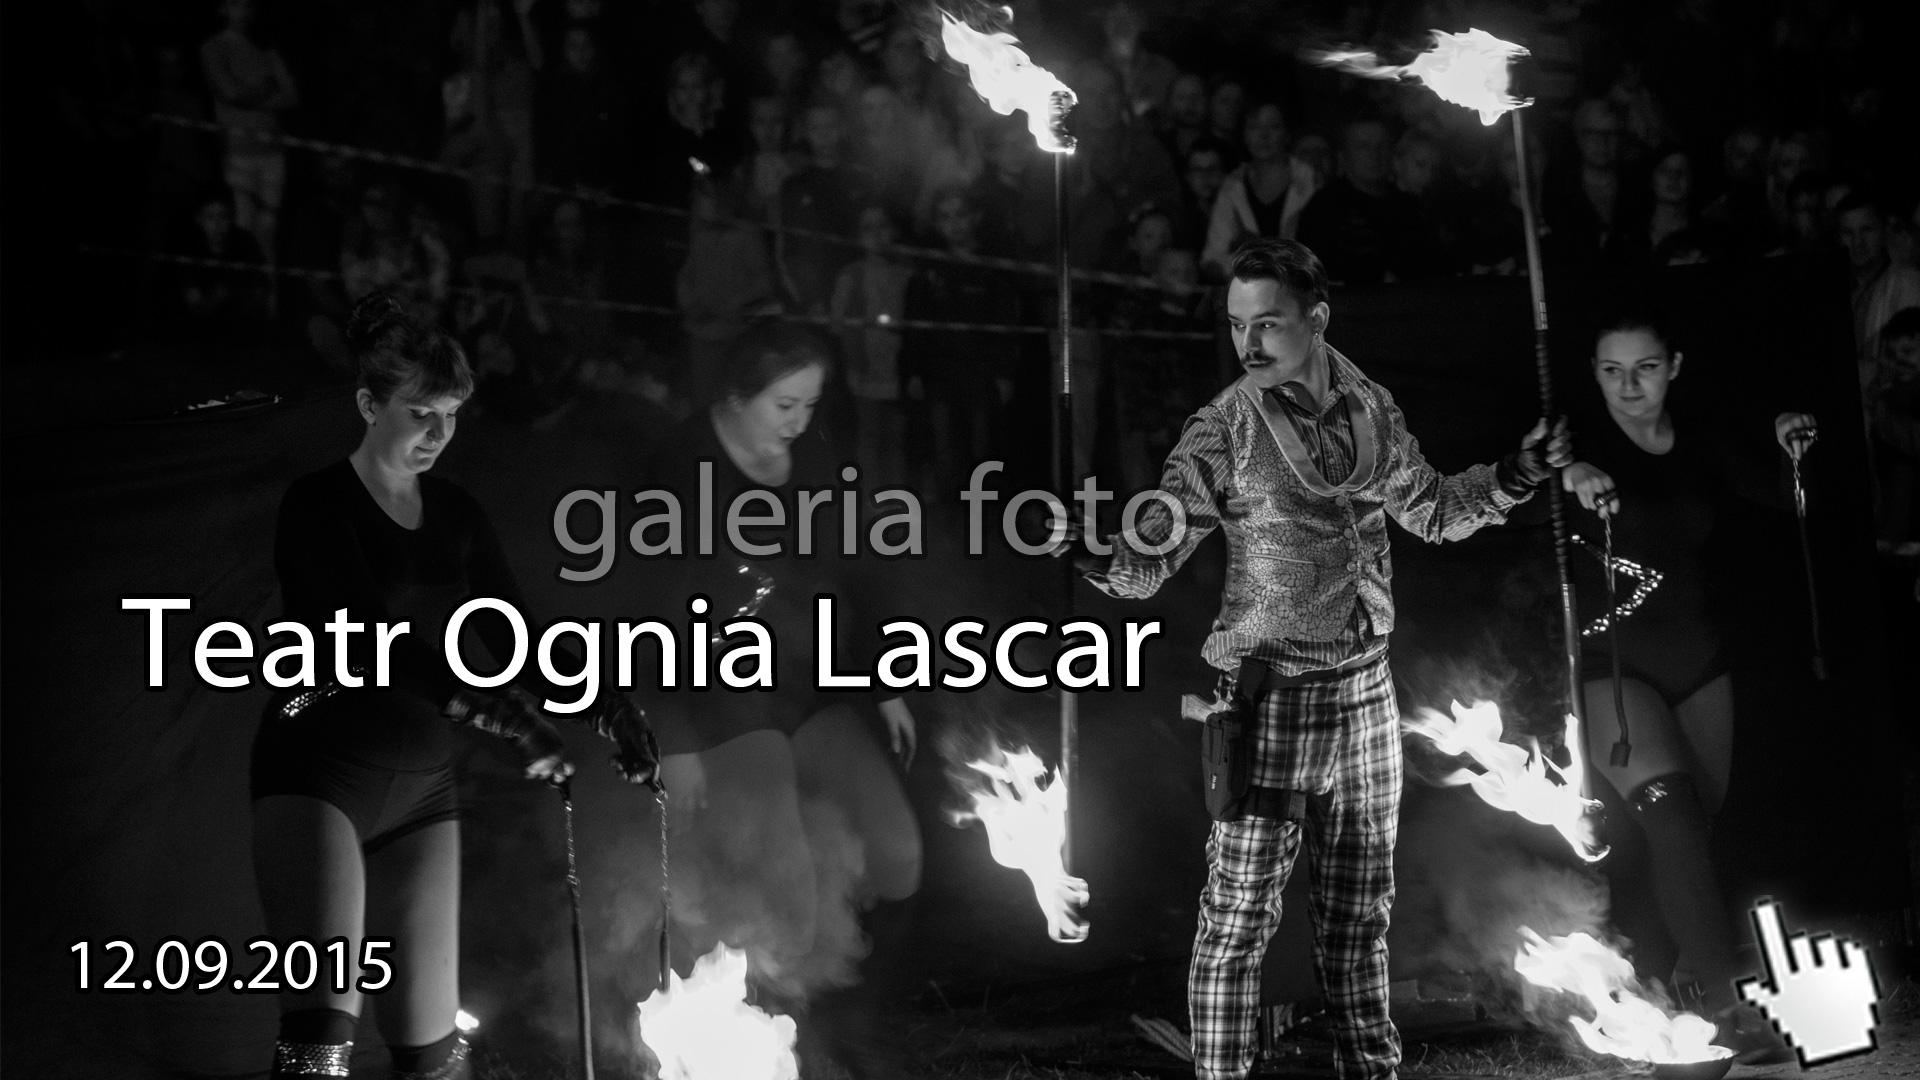 Szczecin. FOTOREPORTAŻ. 12.09. 2015. Teatr Ognia Lascar w ramach festynu zakończenie lata @ Osiedle Bukowe